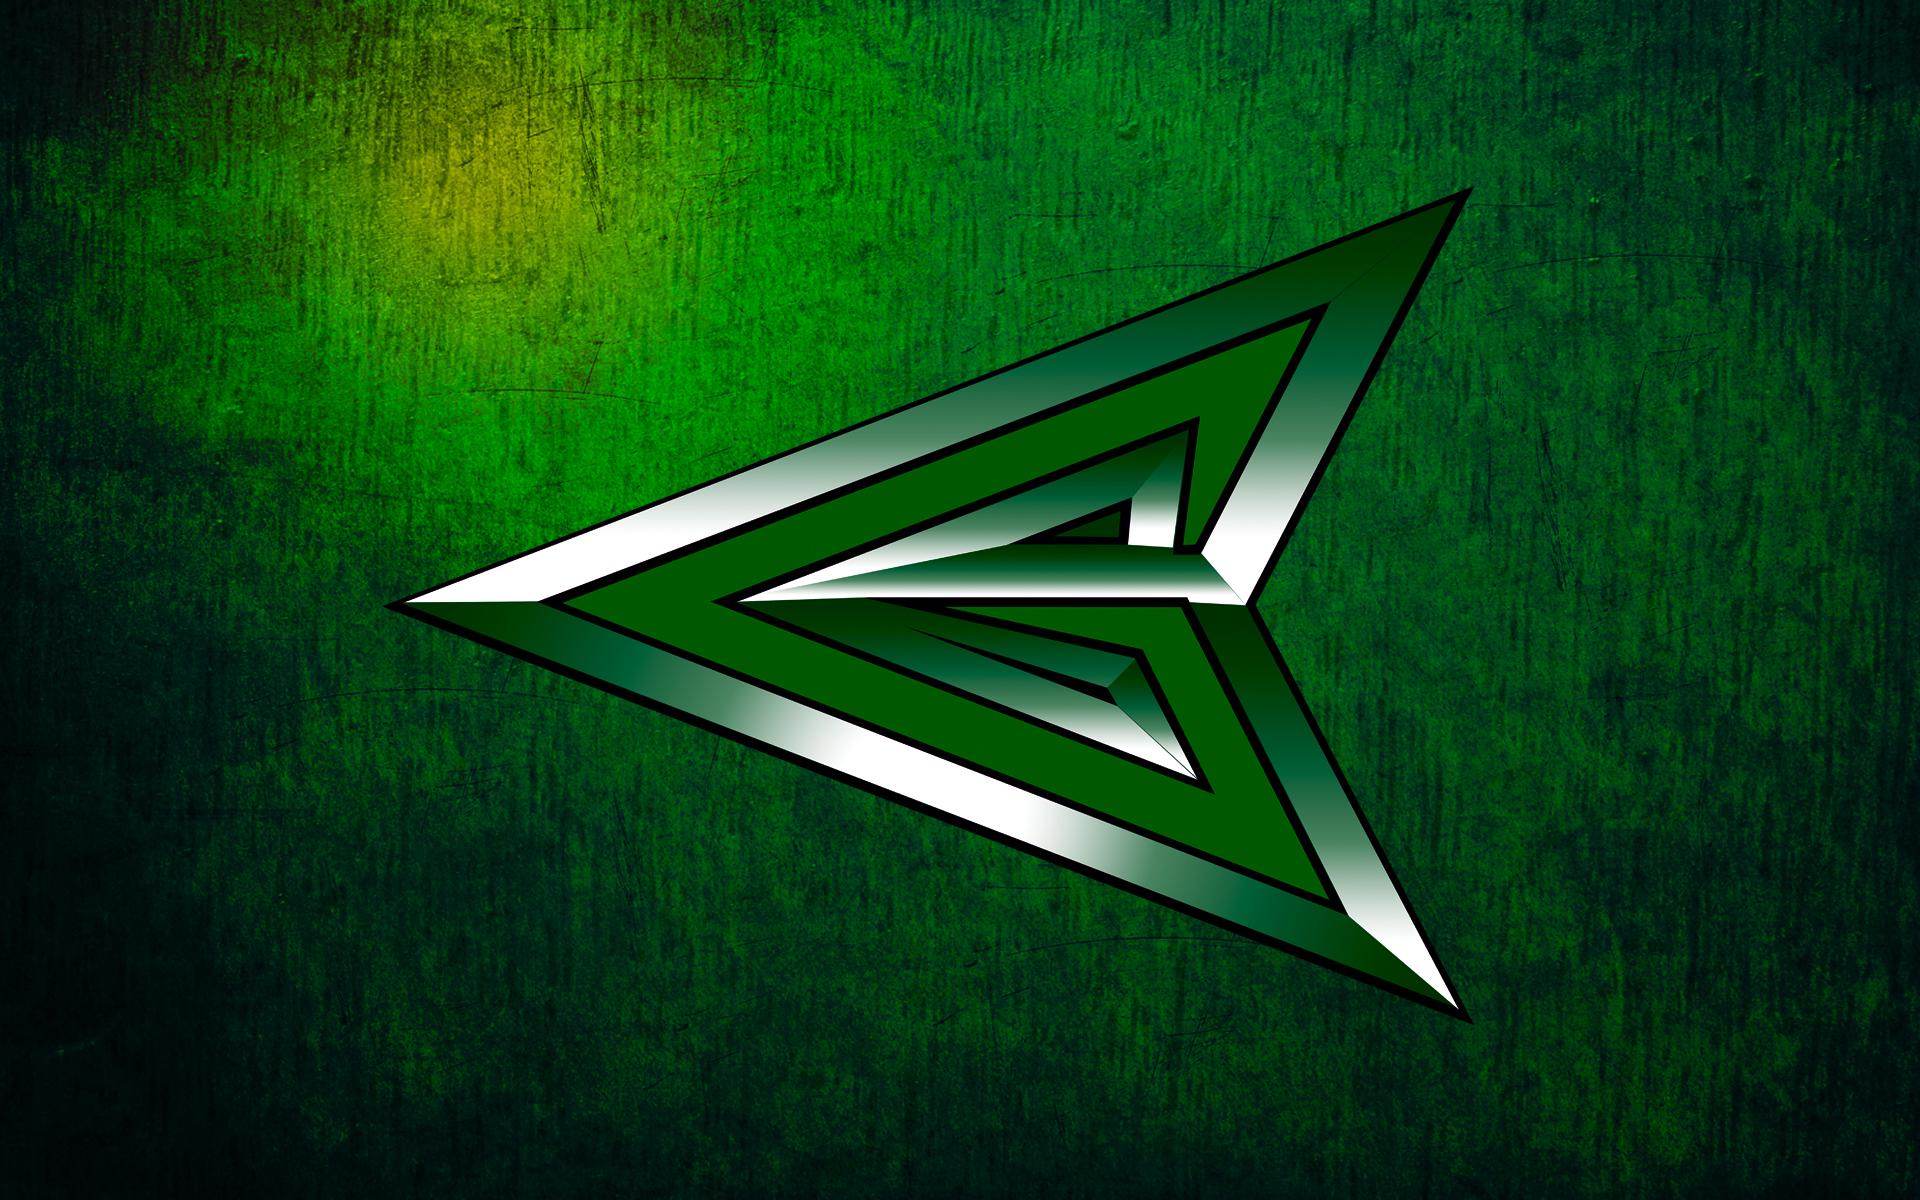 Arqueiro Verde Full HD Papel de Parede and Background ... Green Arrow Superhero Logo